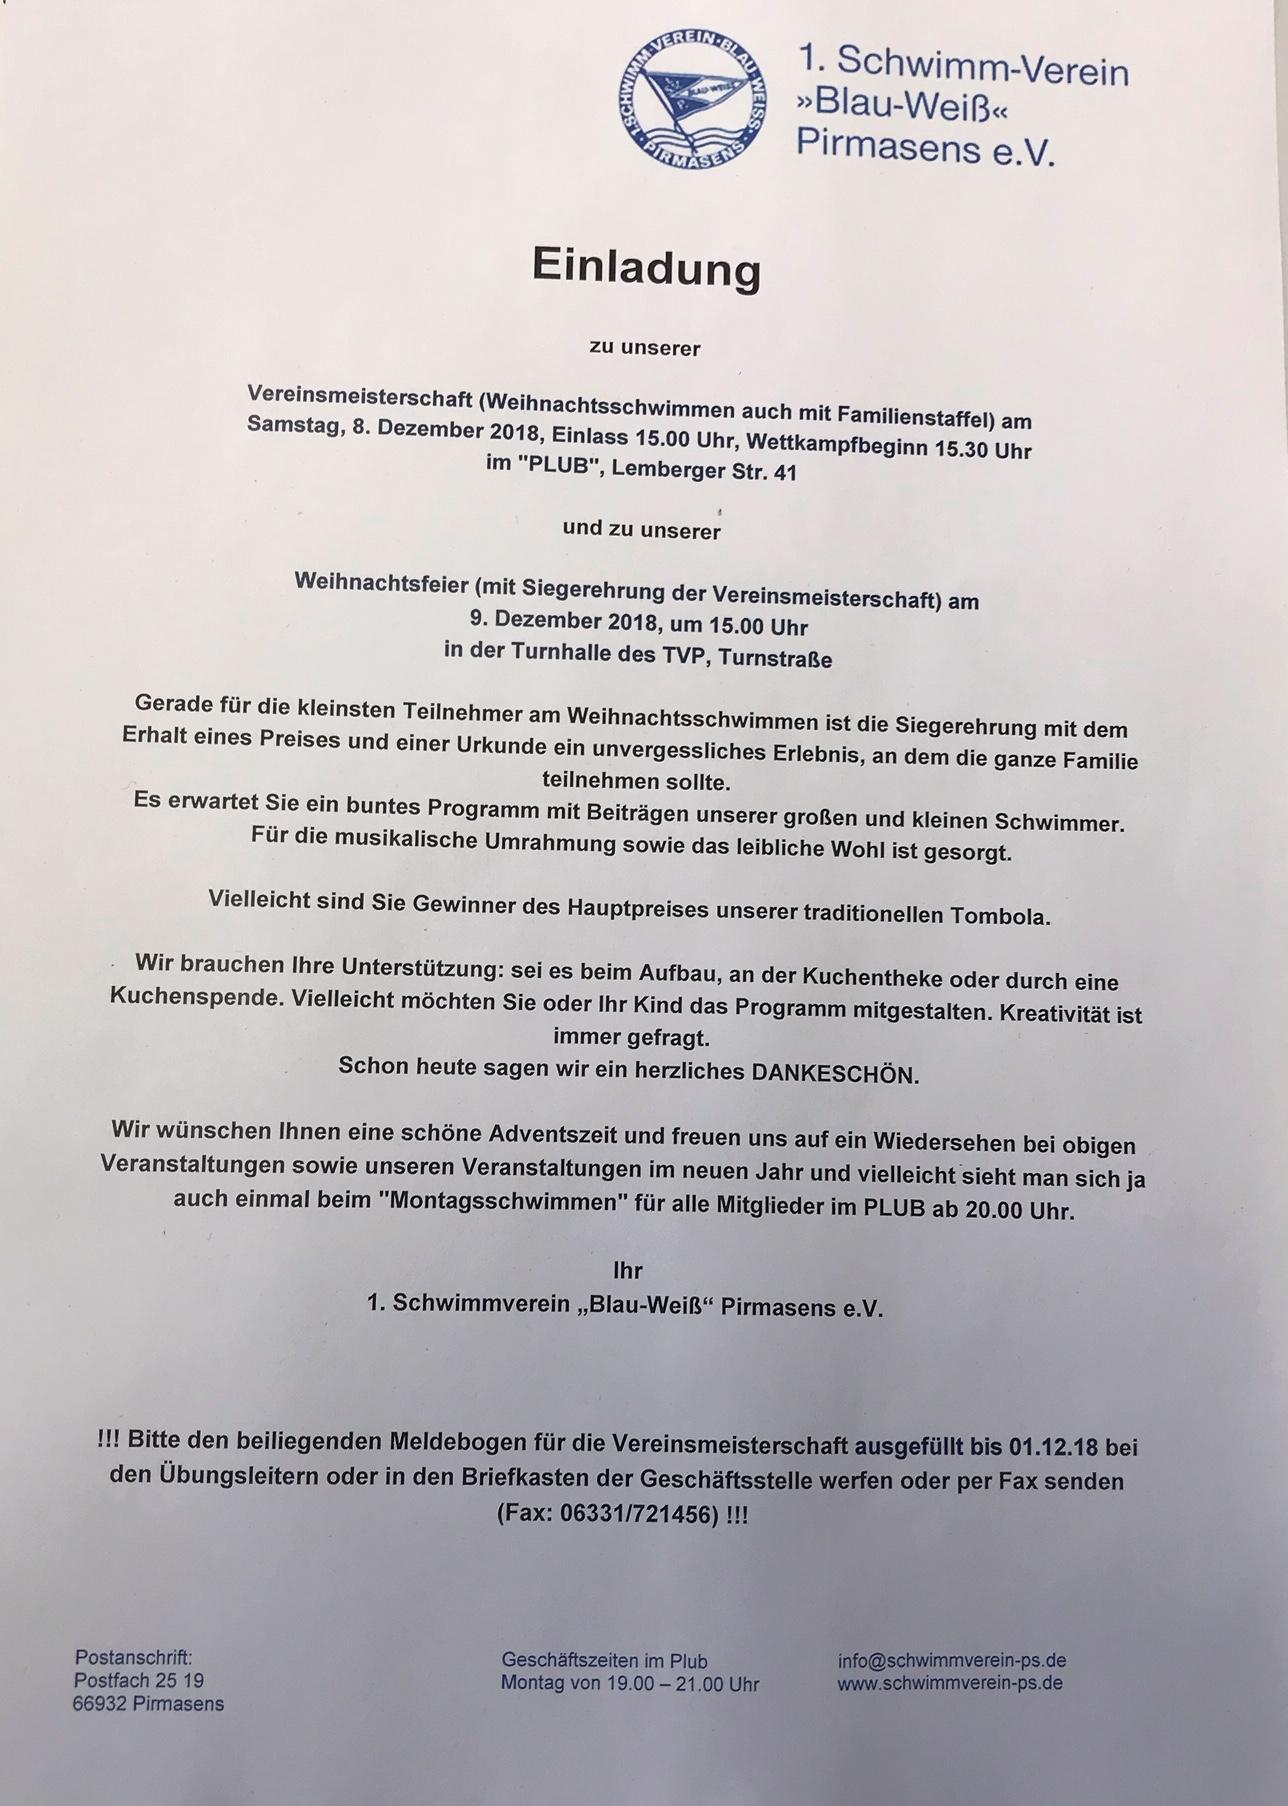 Text Einladung Weihnachtsfeier Verein.Einladung Weihnachtsfeier Und Weihnachtsschwimmen 2018 1 Sv Blau